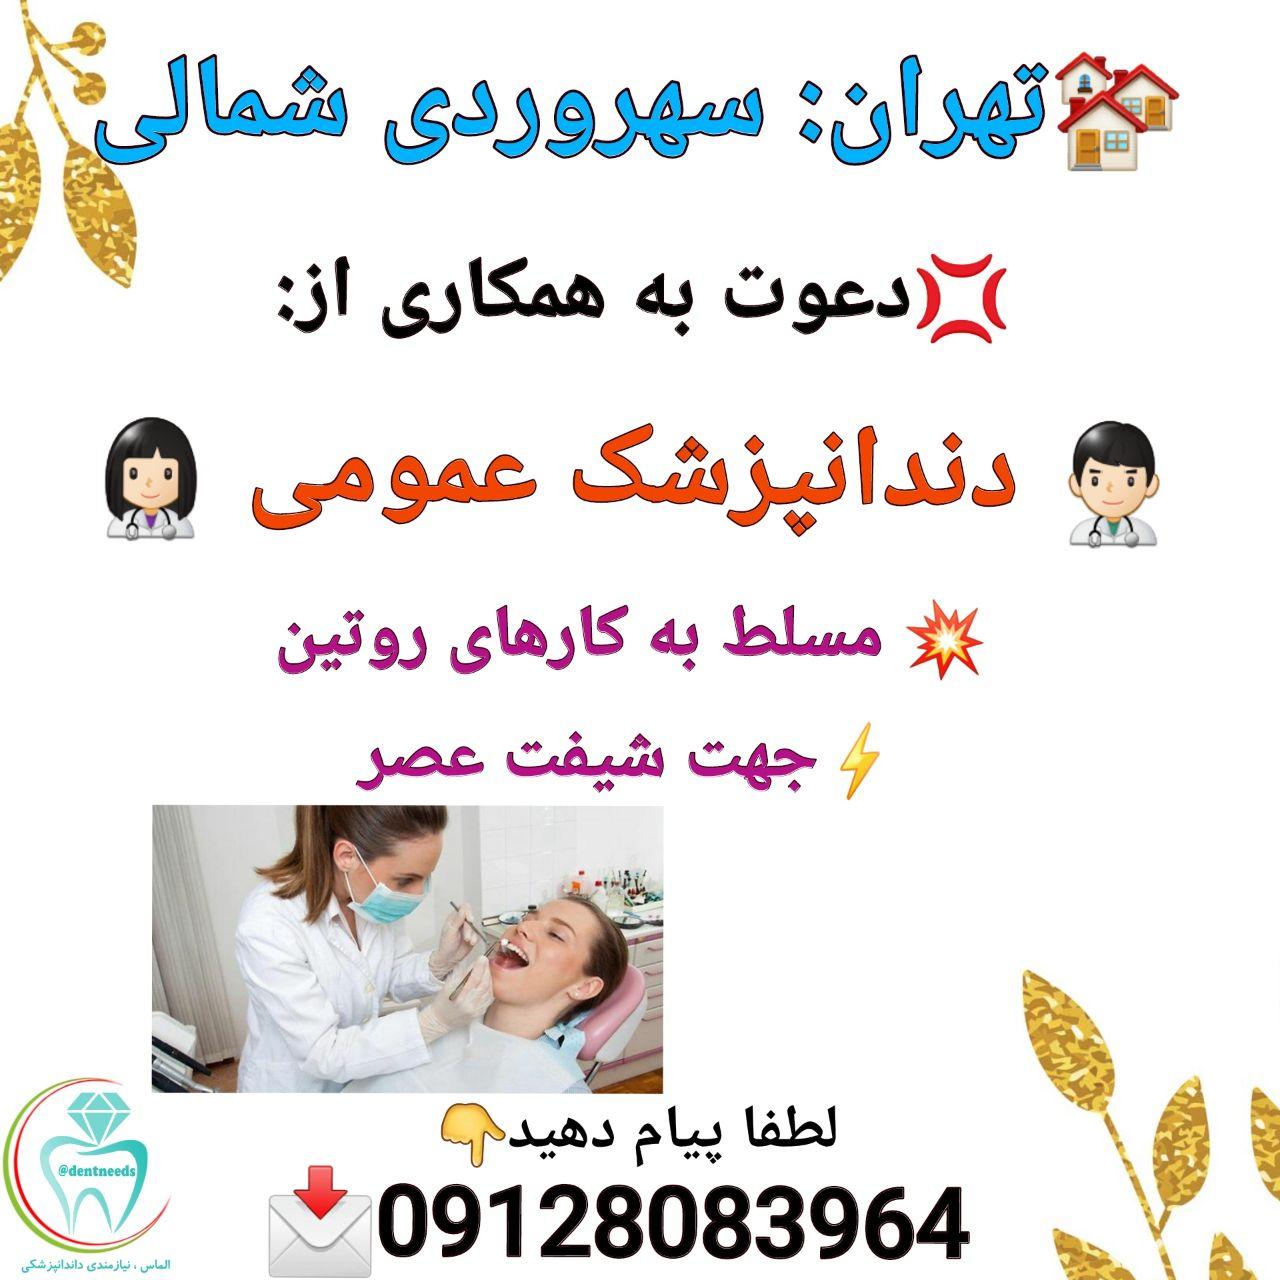 تهران: سهروردی شمالی، نیاز به دندانپزشک عمومی